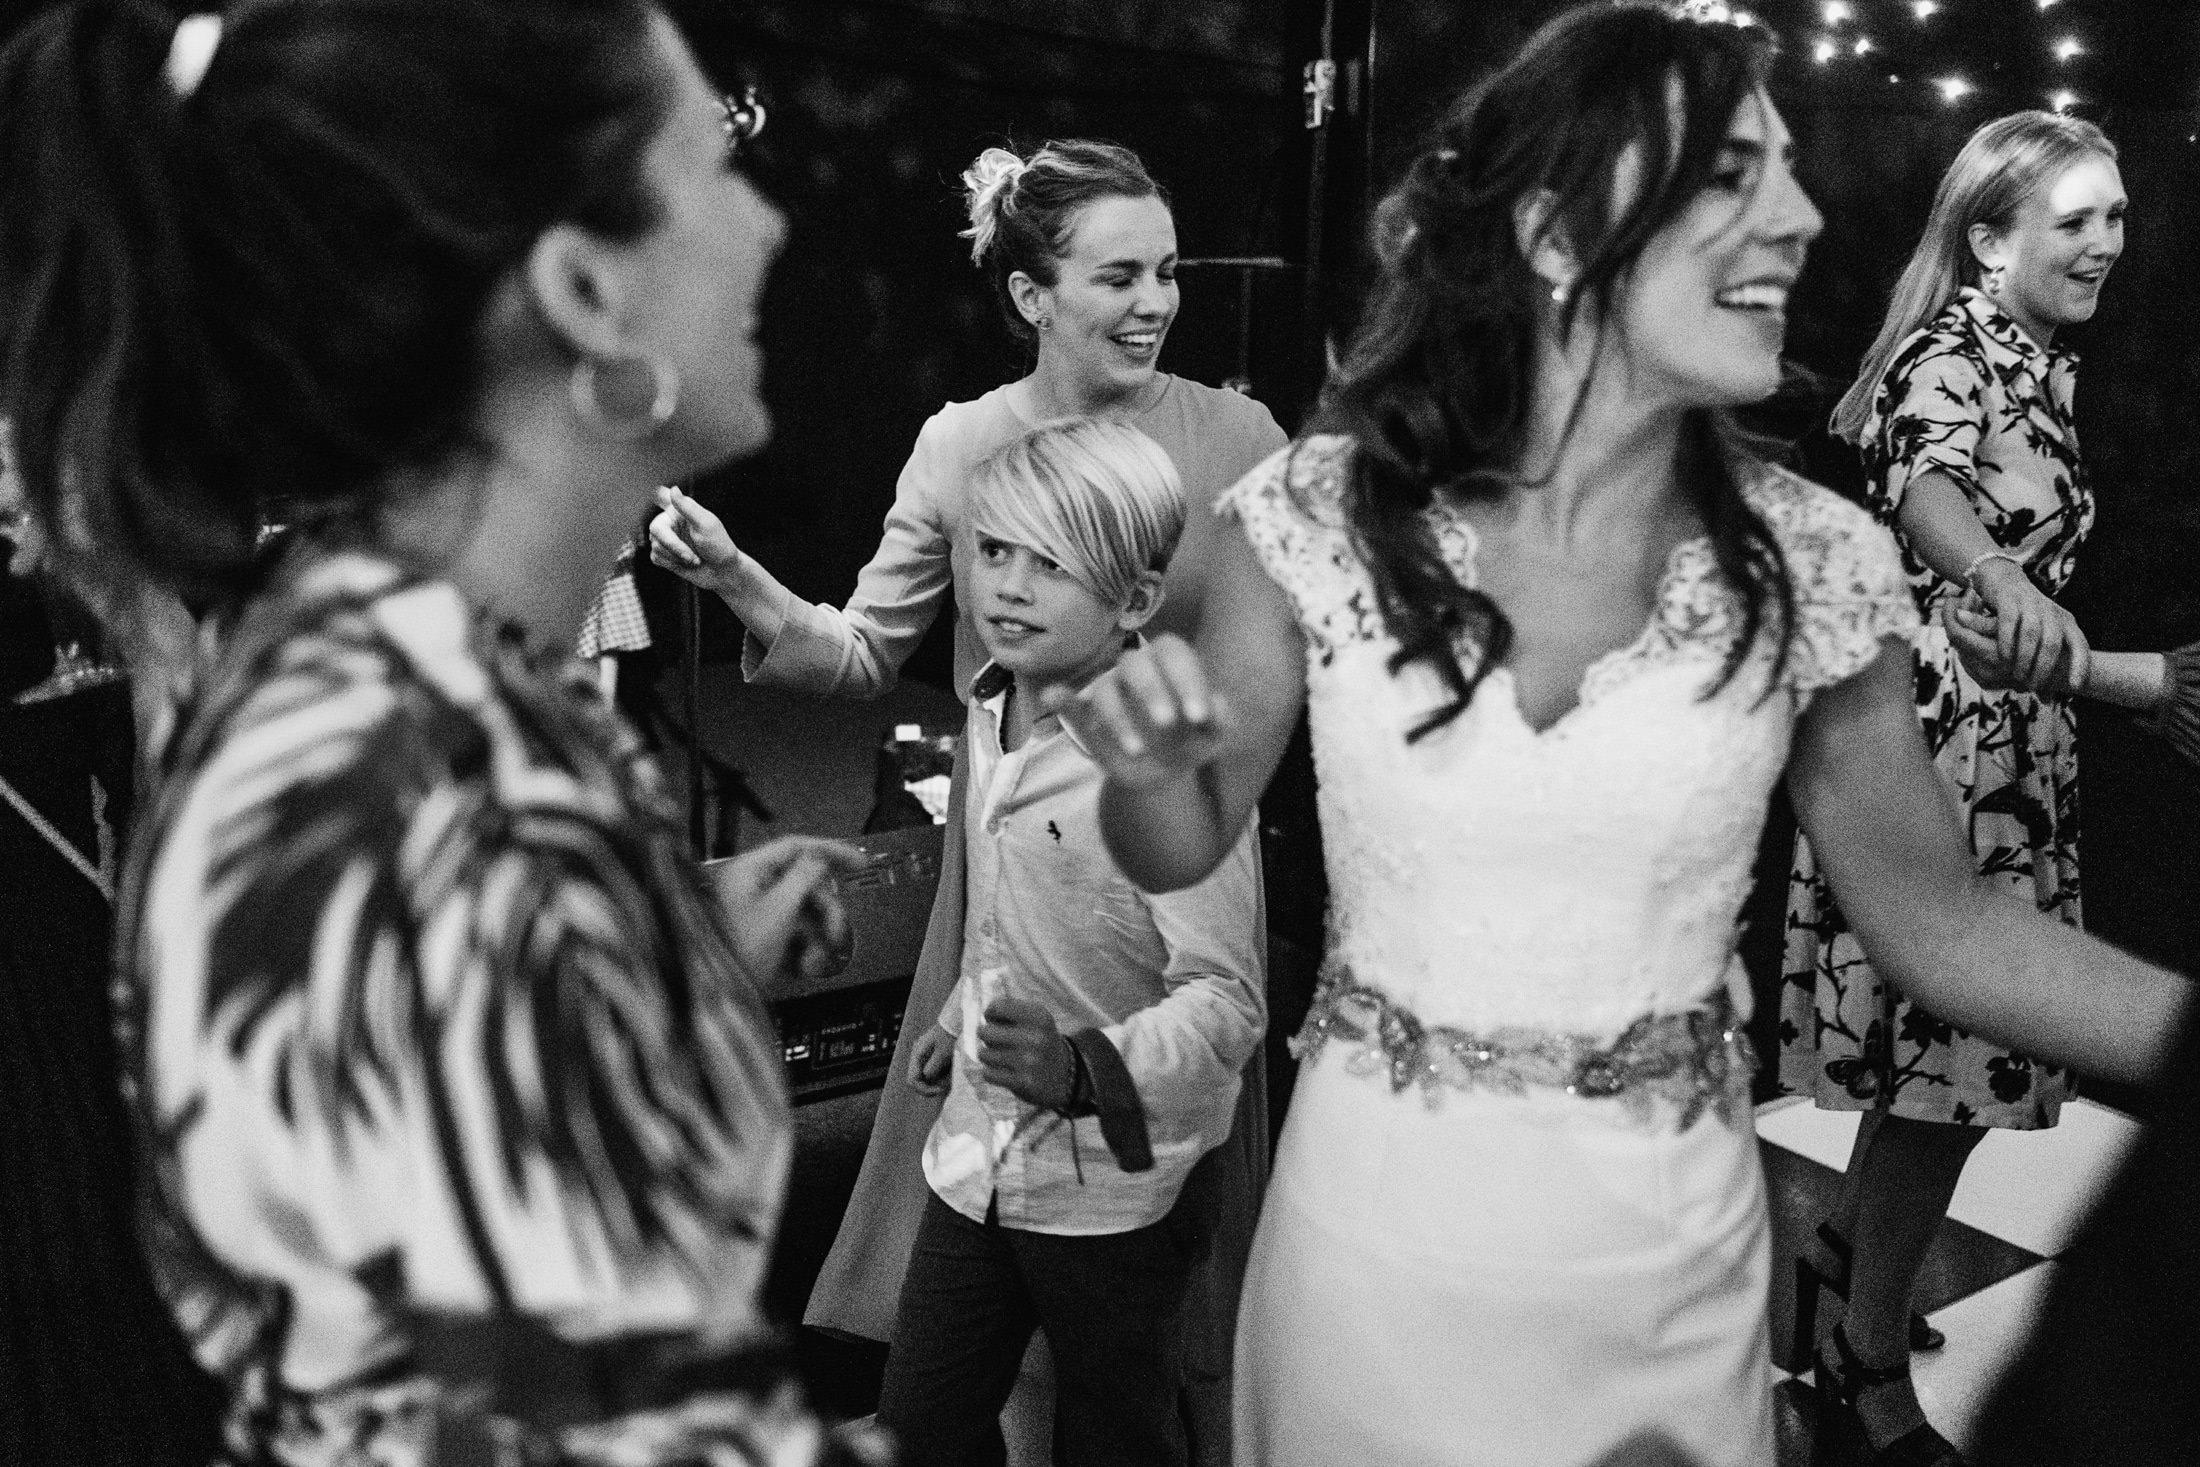 bride on dance floor with friends